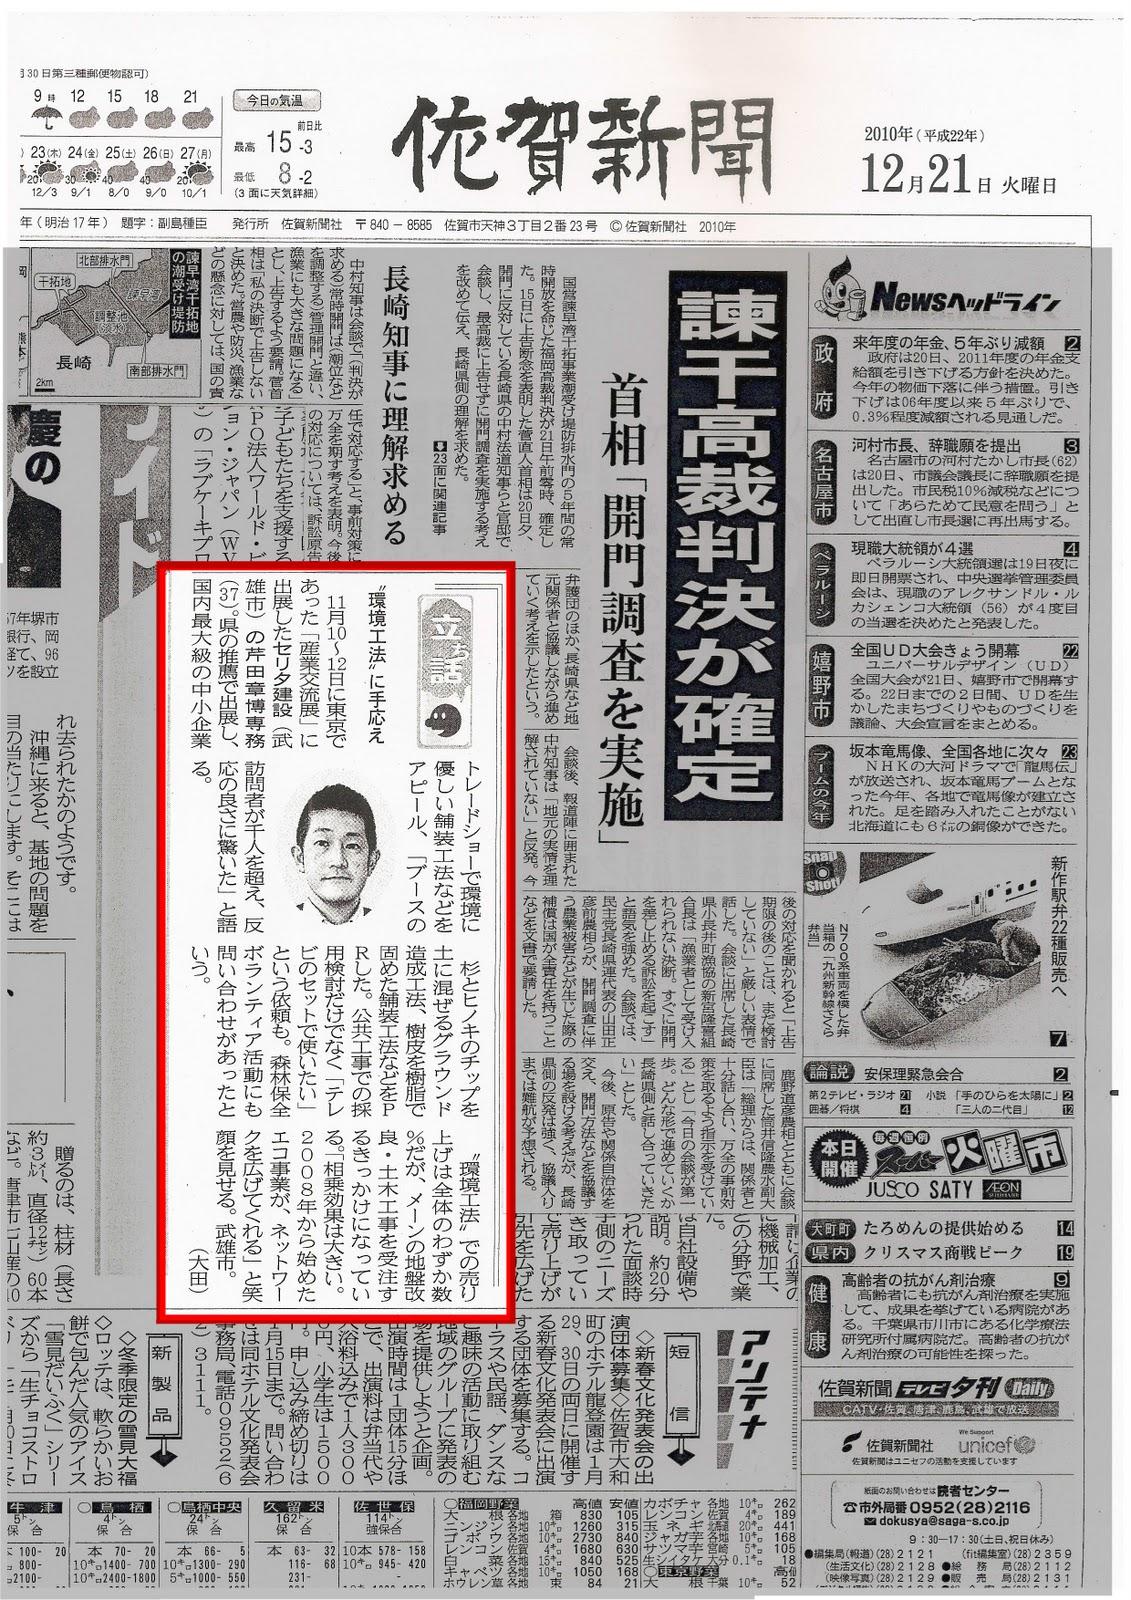 佐賀新聞 掲載 環境工法に手応え